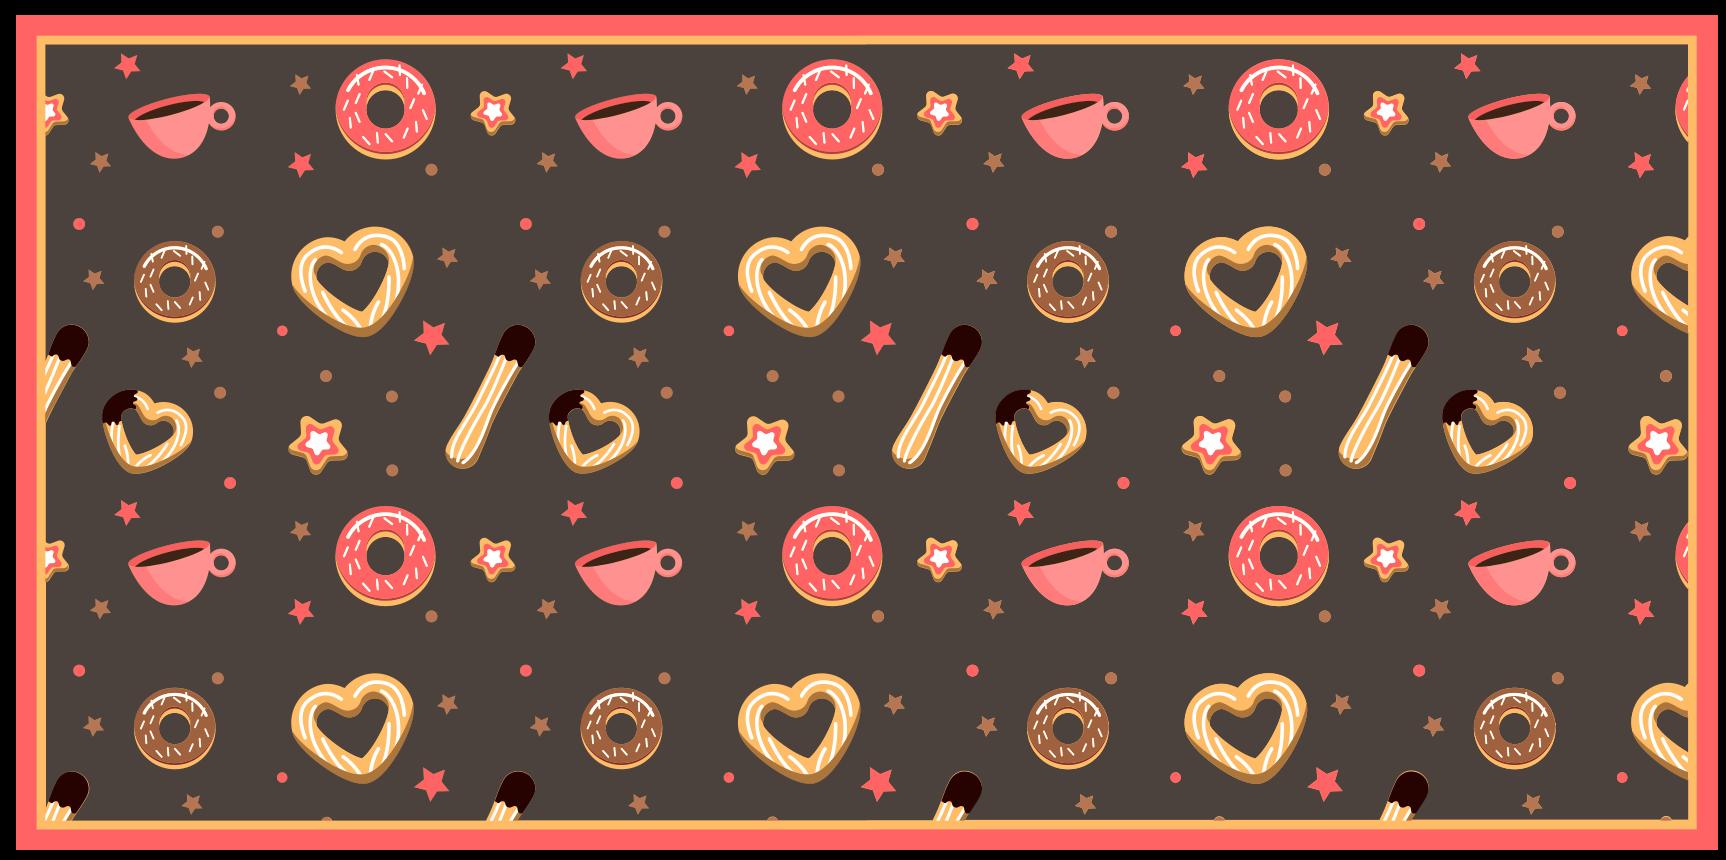 TenVinilo. Alfombra vinílica cocina patrón de dulces. Alfombra vinílica cocina con patrón de churros y donas para que llenes tu cocina de dulzura y de amor. Escoge el tamaño ¡Producto lavable!